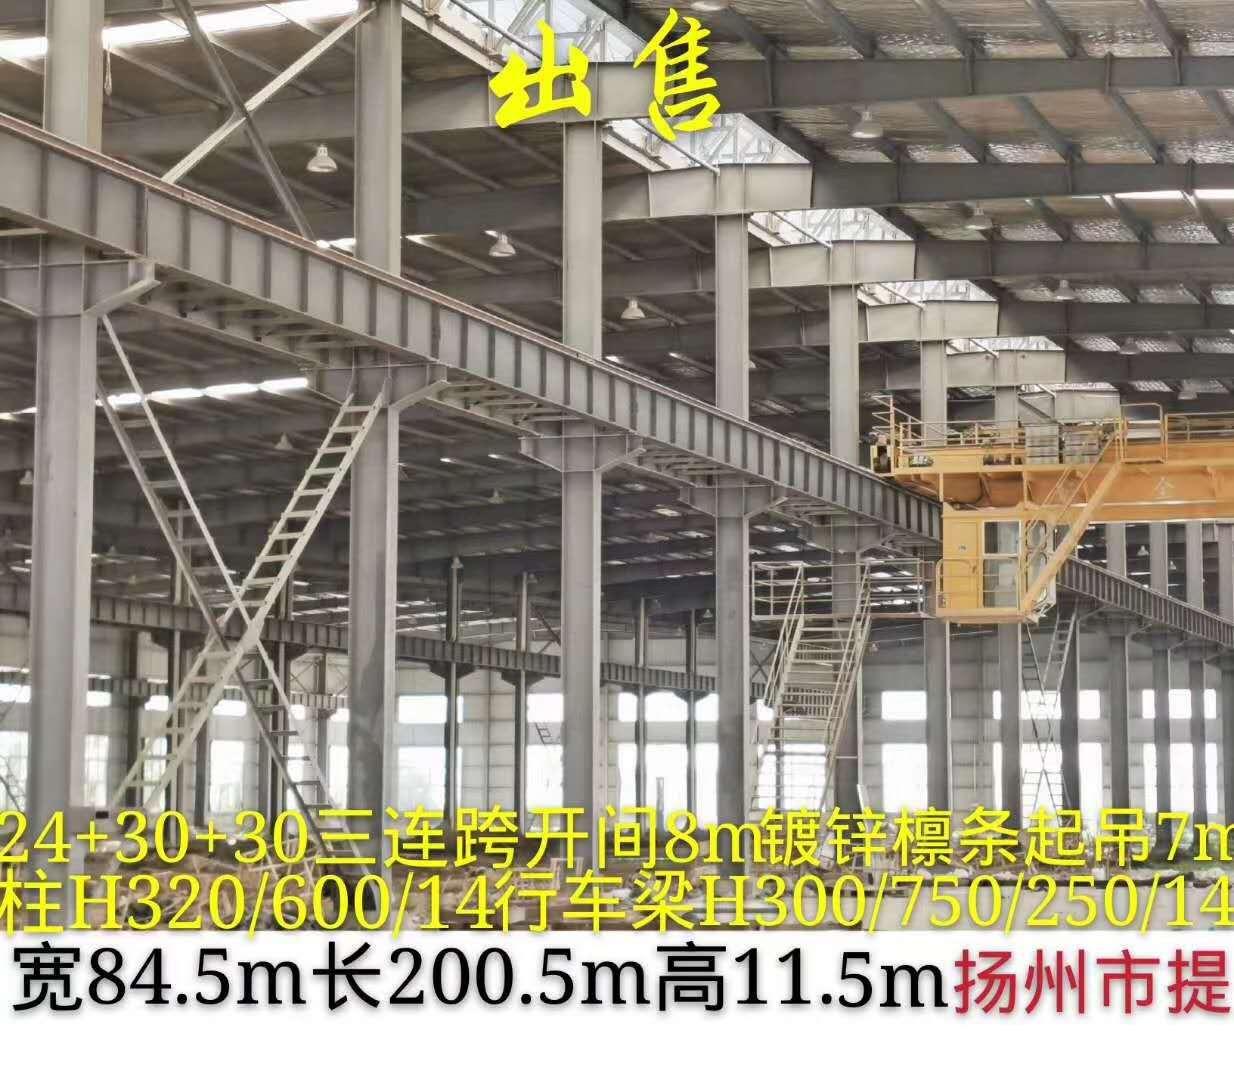 出售厂房84.5米跨度,长200.5米。柱高11.5米。配有一部10+5吨行车一部